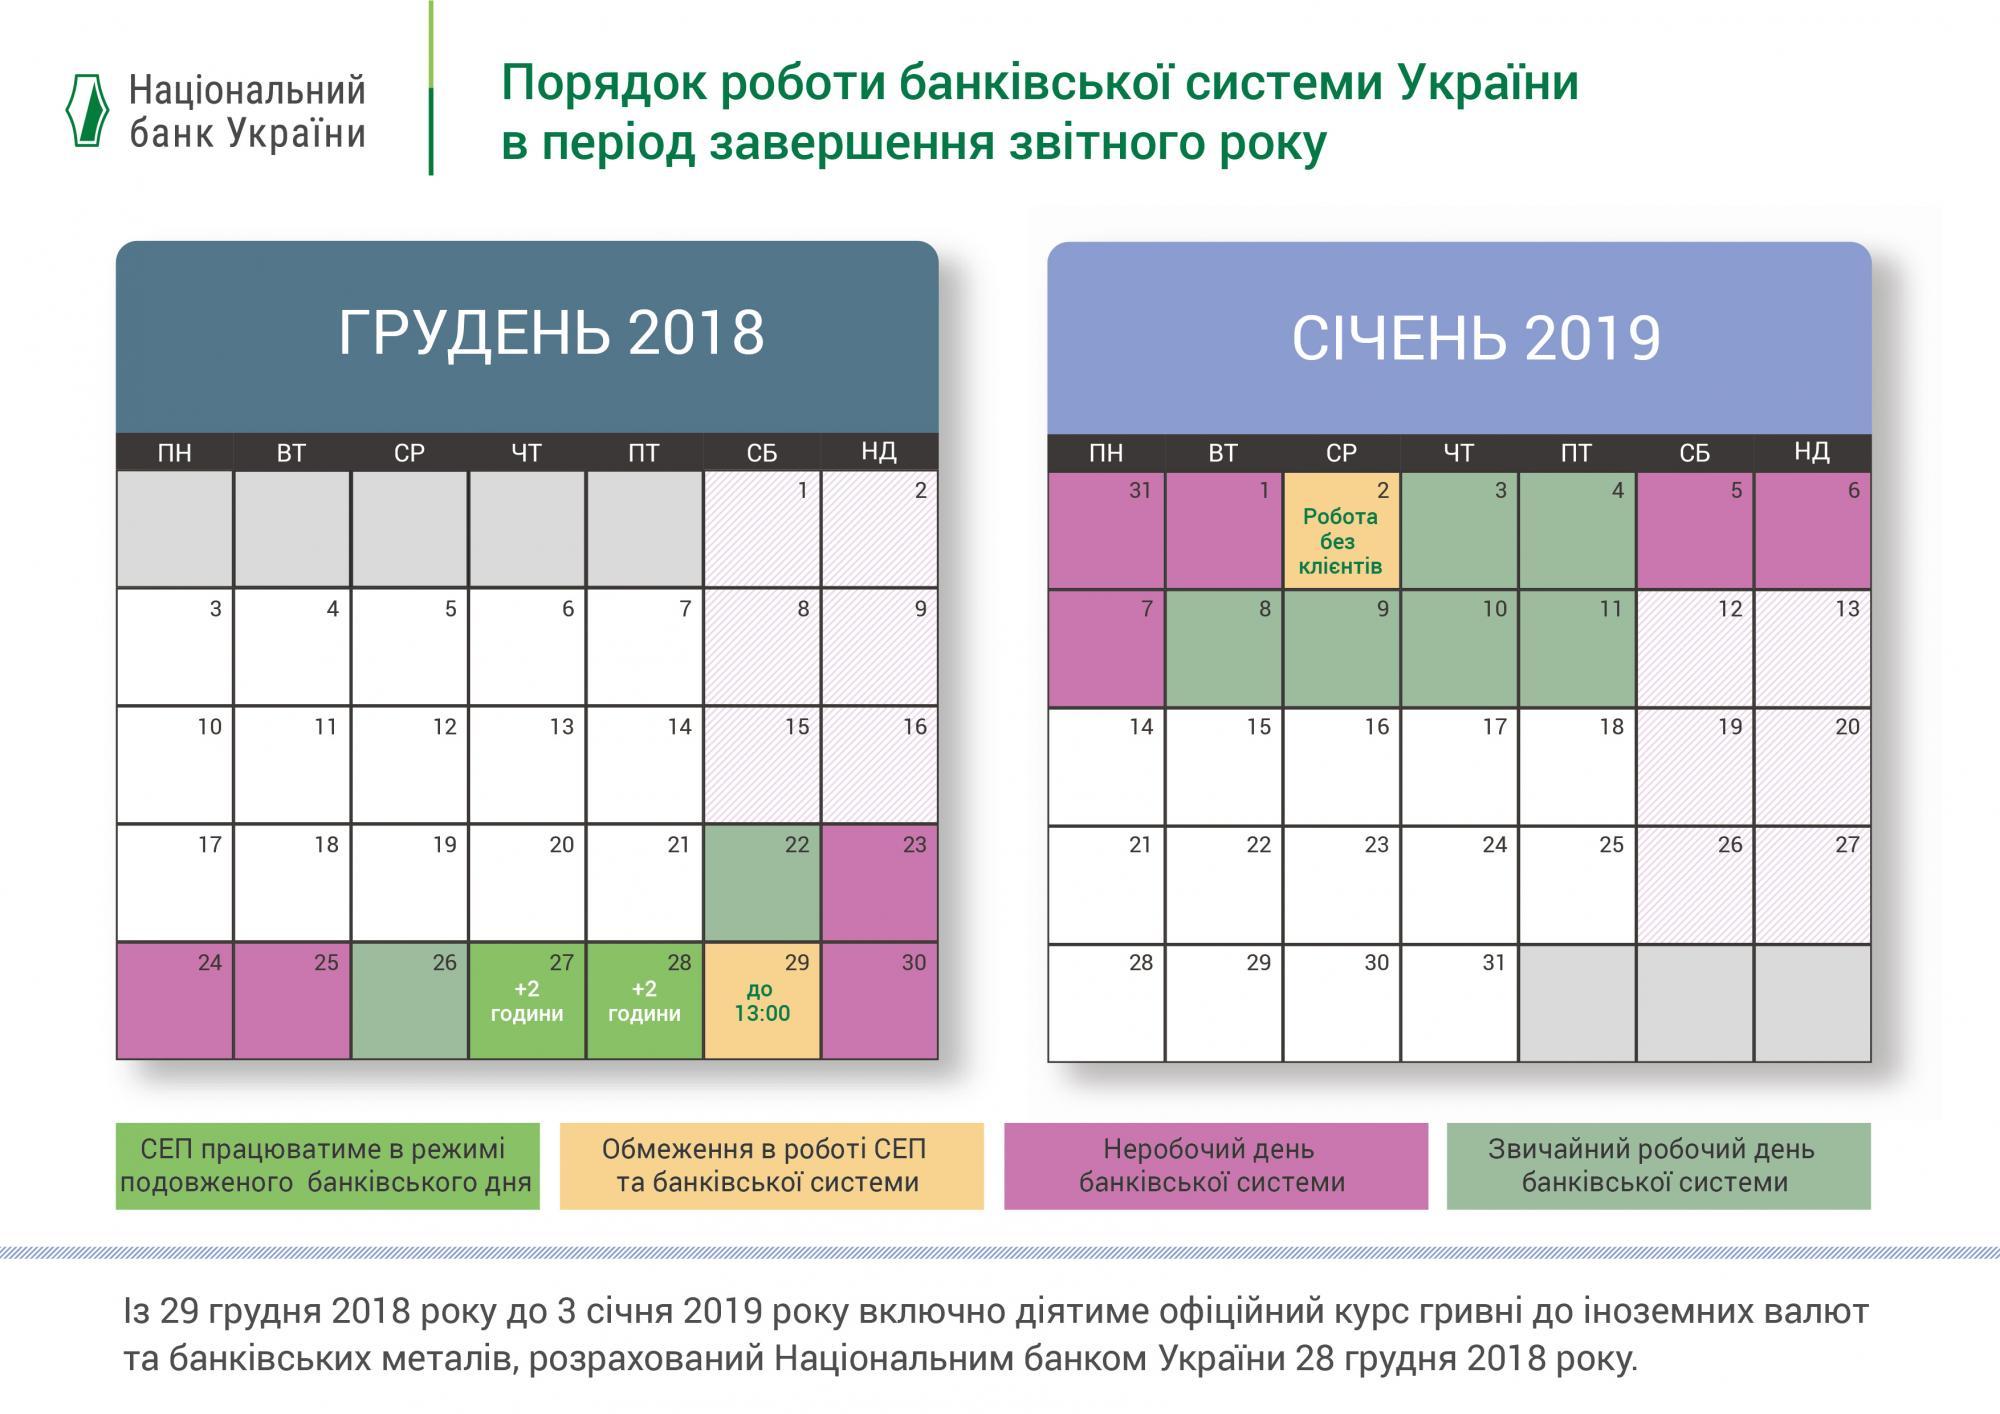 График работы банковской системы в Новый год 2019